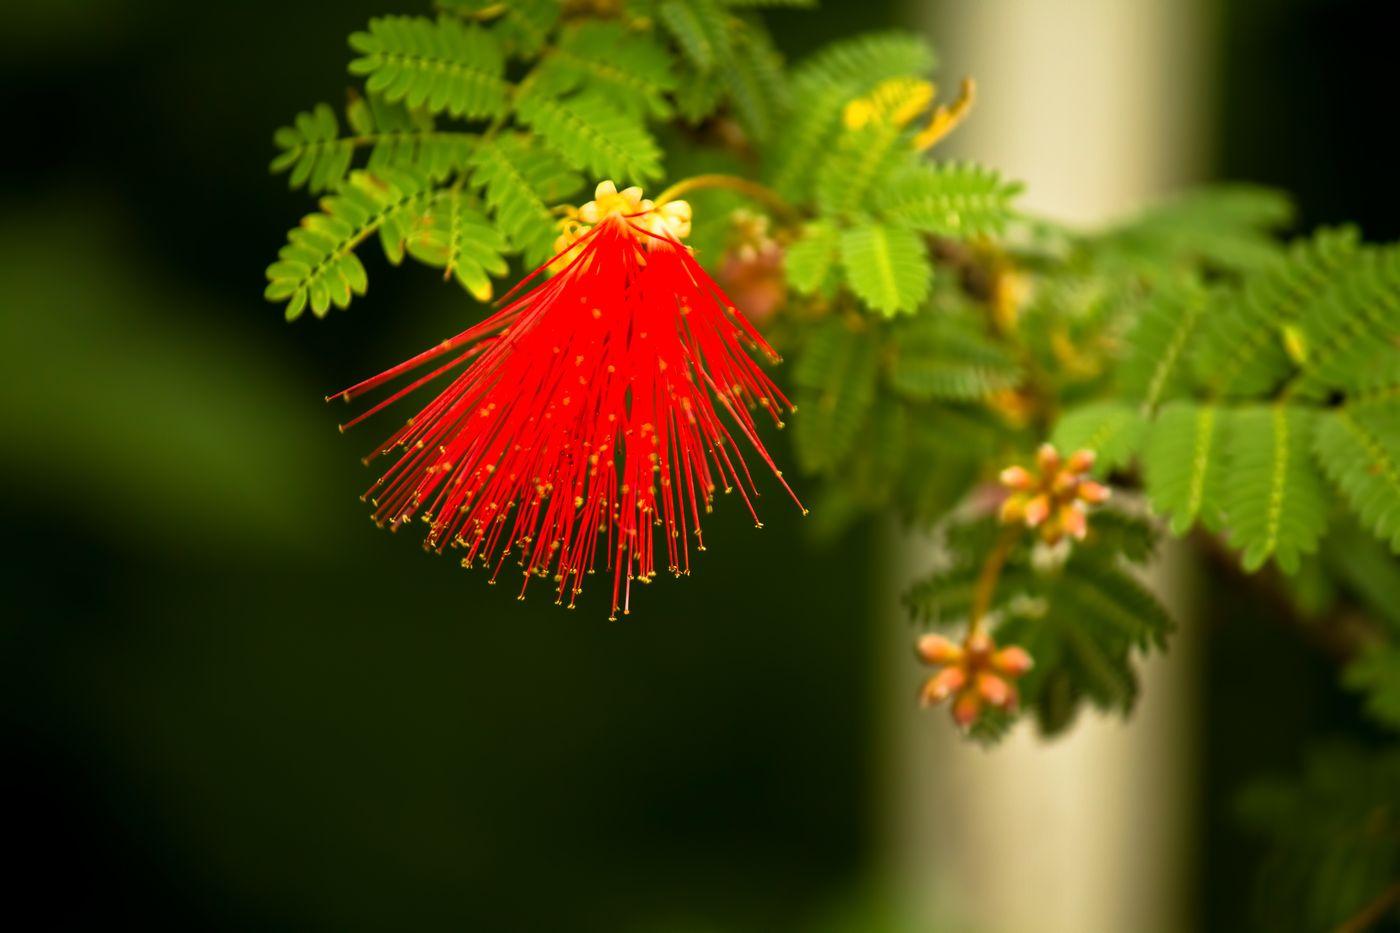 オジギソウの赤い花の写真を無料ダウンロード(フリー素材) - ぱくたそ